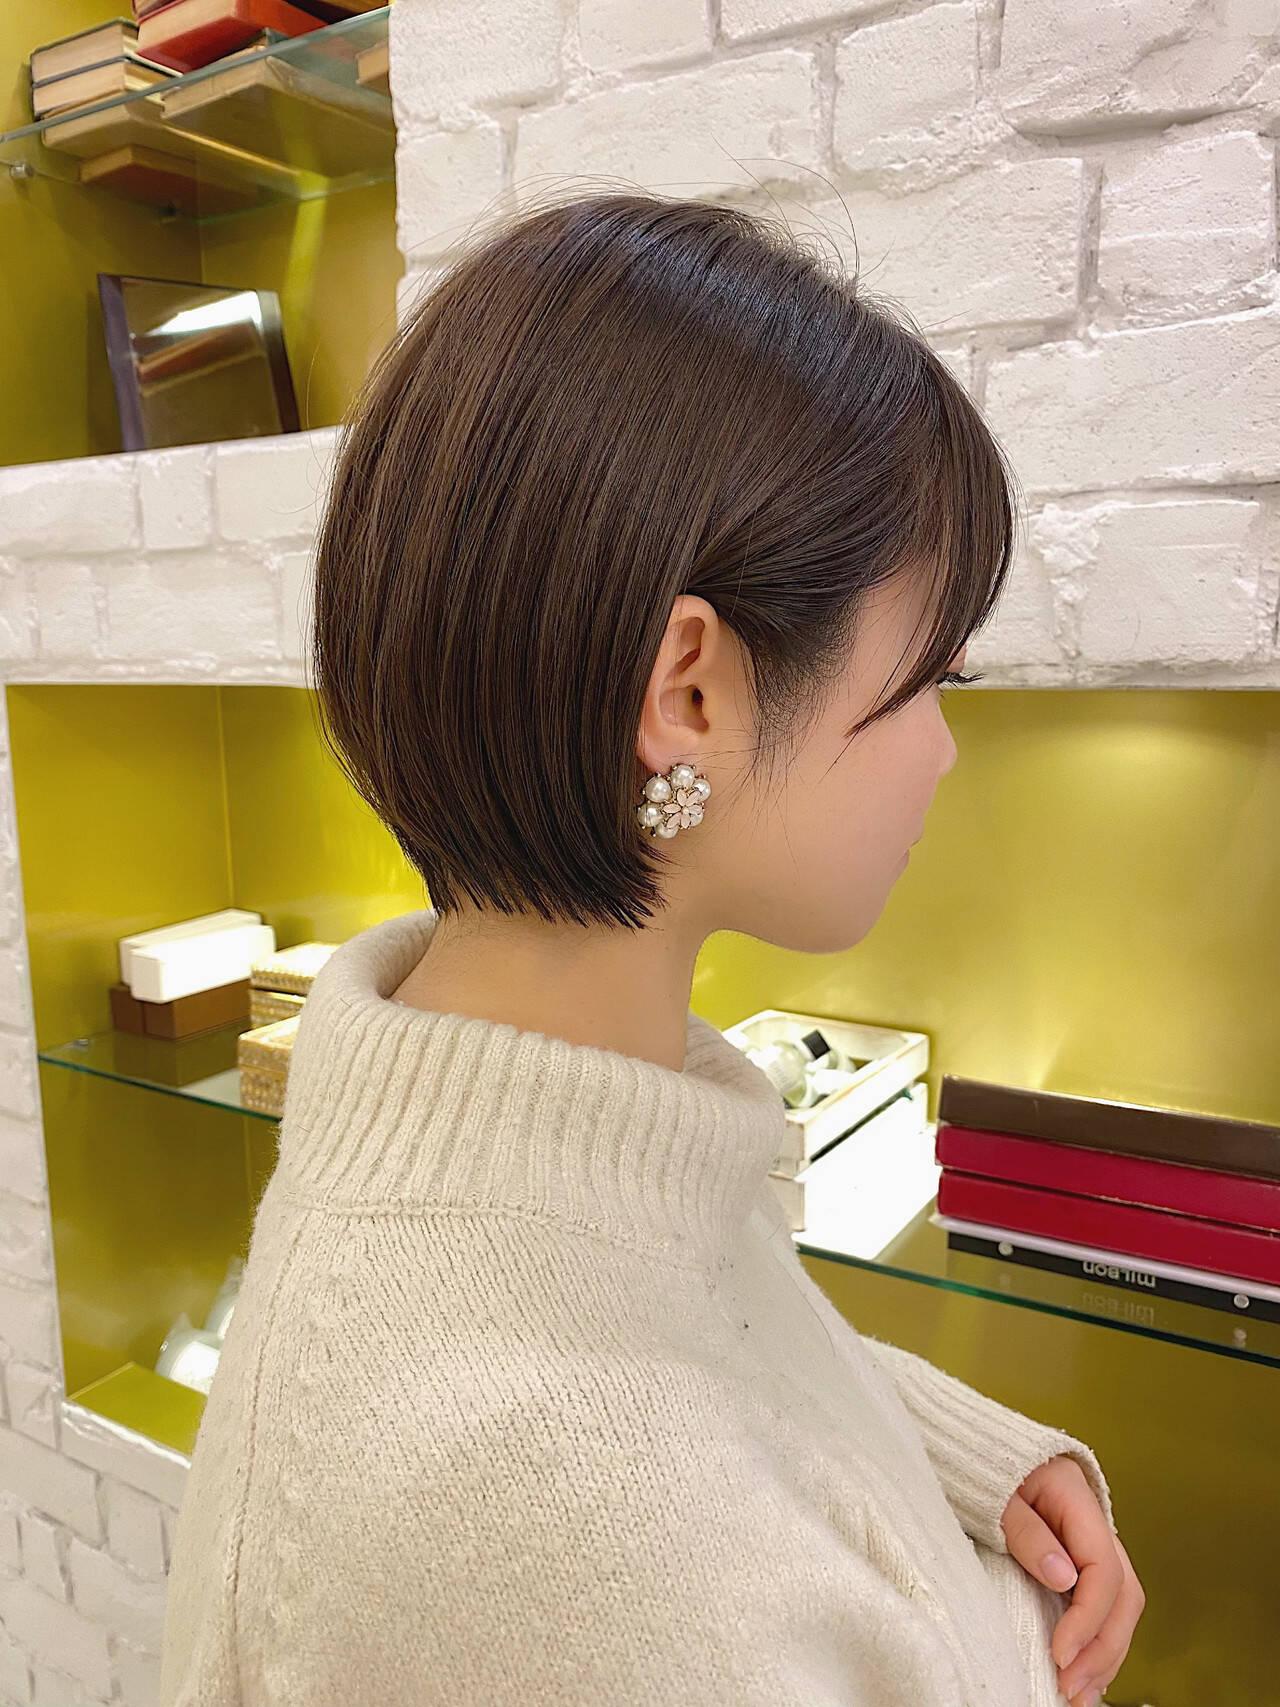 ミニボブ ベリーショート ショートヘア ショートボブヘアスタイルや髪型の写真・画像